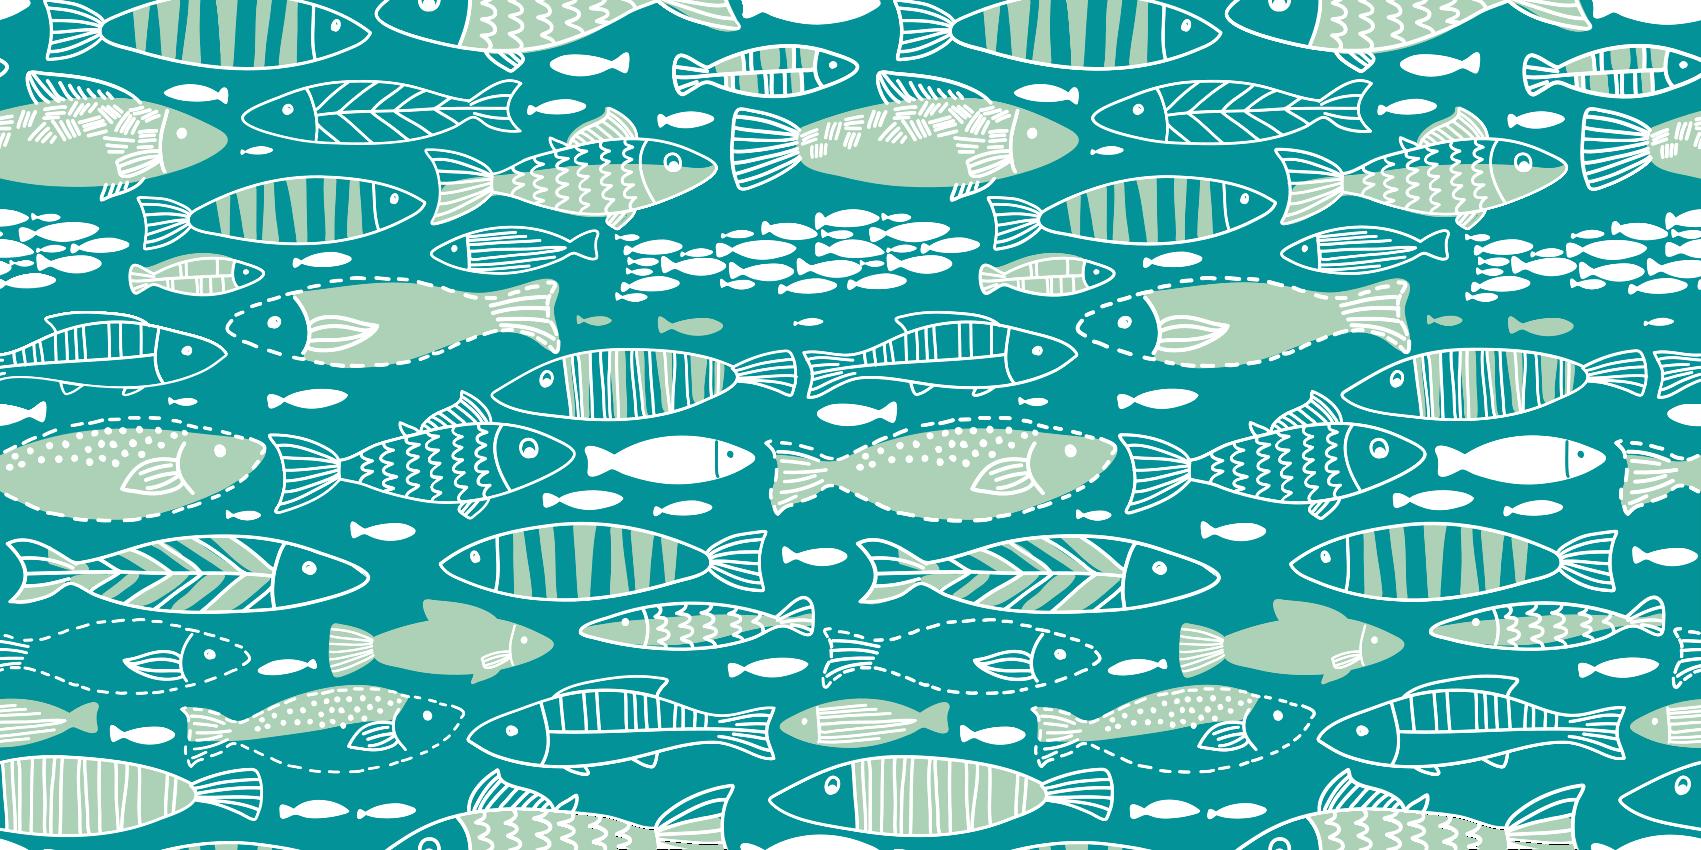 TENSTICKERS. 抽象的な水族館の動物マット. 彼らの家を改装したいすべての魚愛好家のために。あらゆるスペースにユニークなタッチを備えた高品質で耐性のある製品。